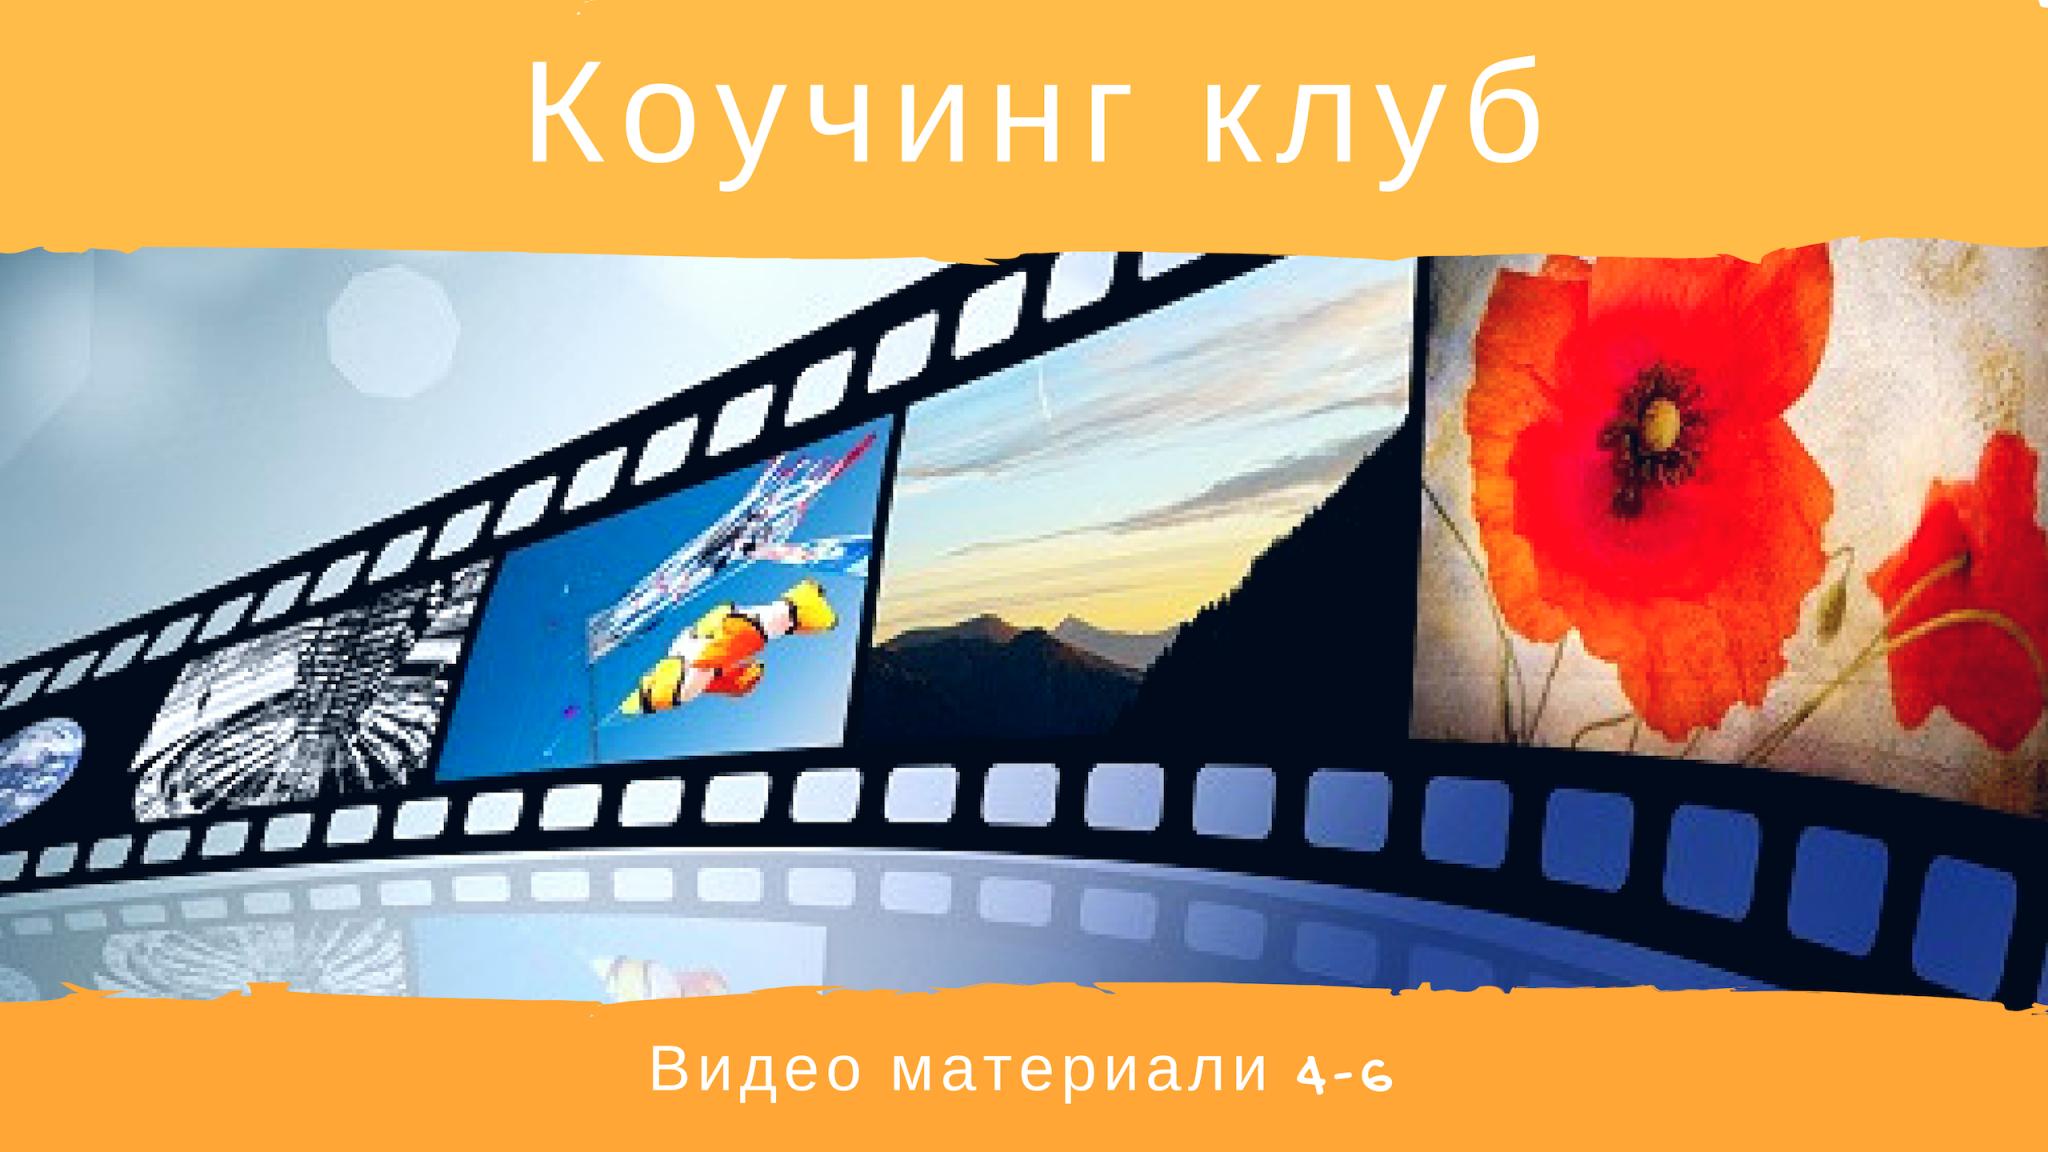 Видео материали 4-6